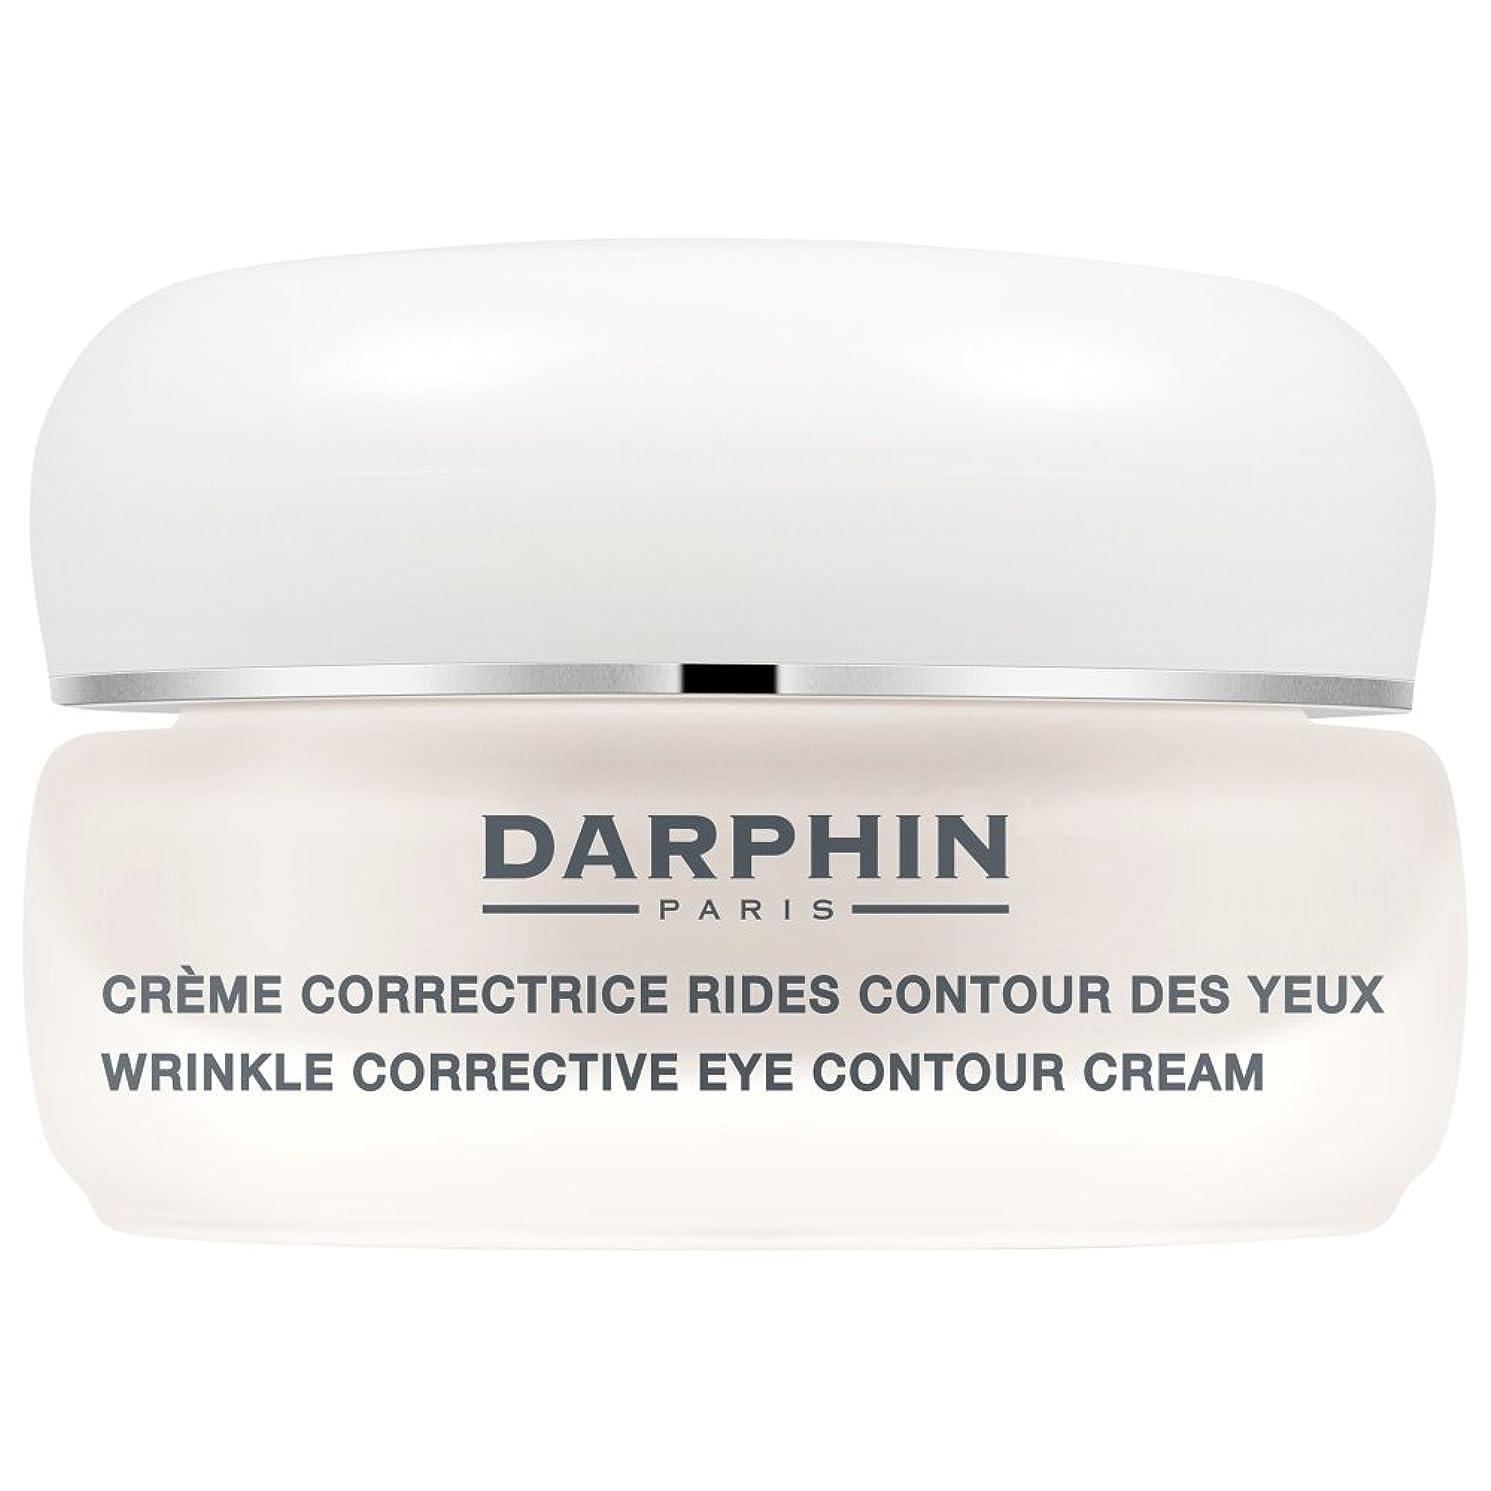 オーバーラン眼中でダルファンのシワ矯正アイ輪郭クリーム15ミリリットル (Darphin) (x2) - Darphin Wrinkle Corrective Eye Contour Cream 15ml (Pack of 2) [並行輸入品]